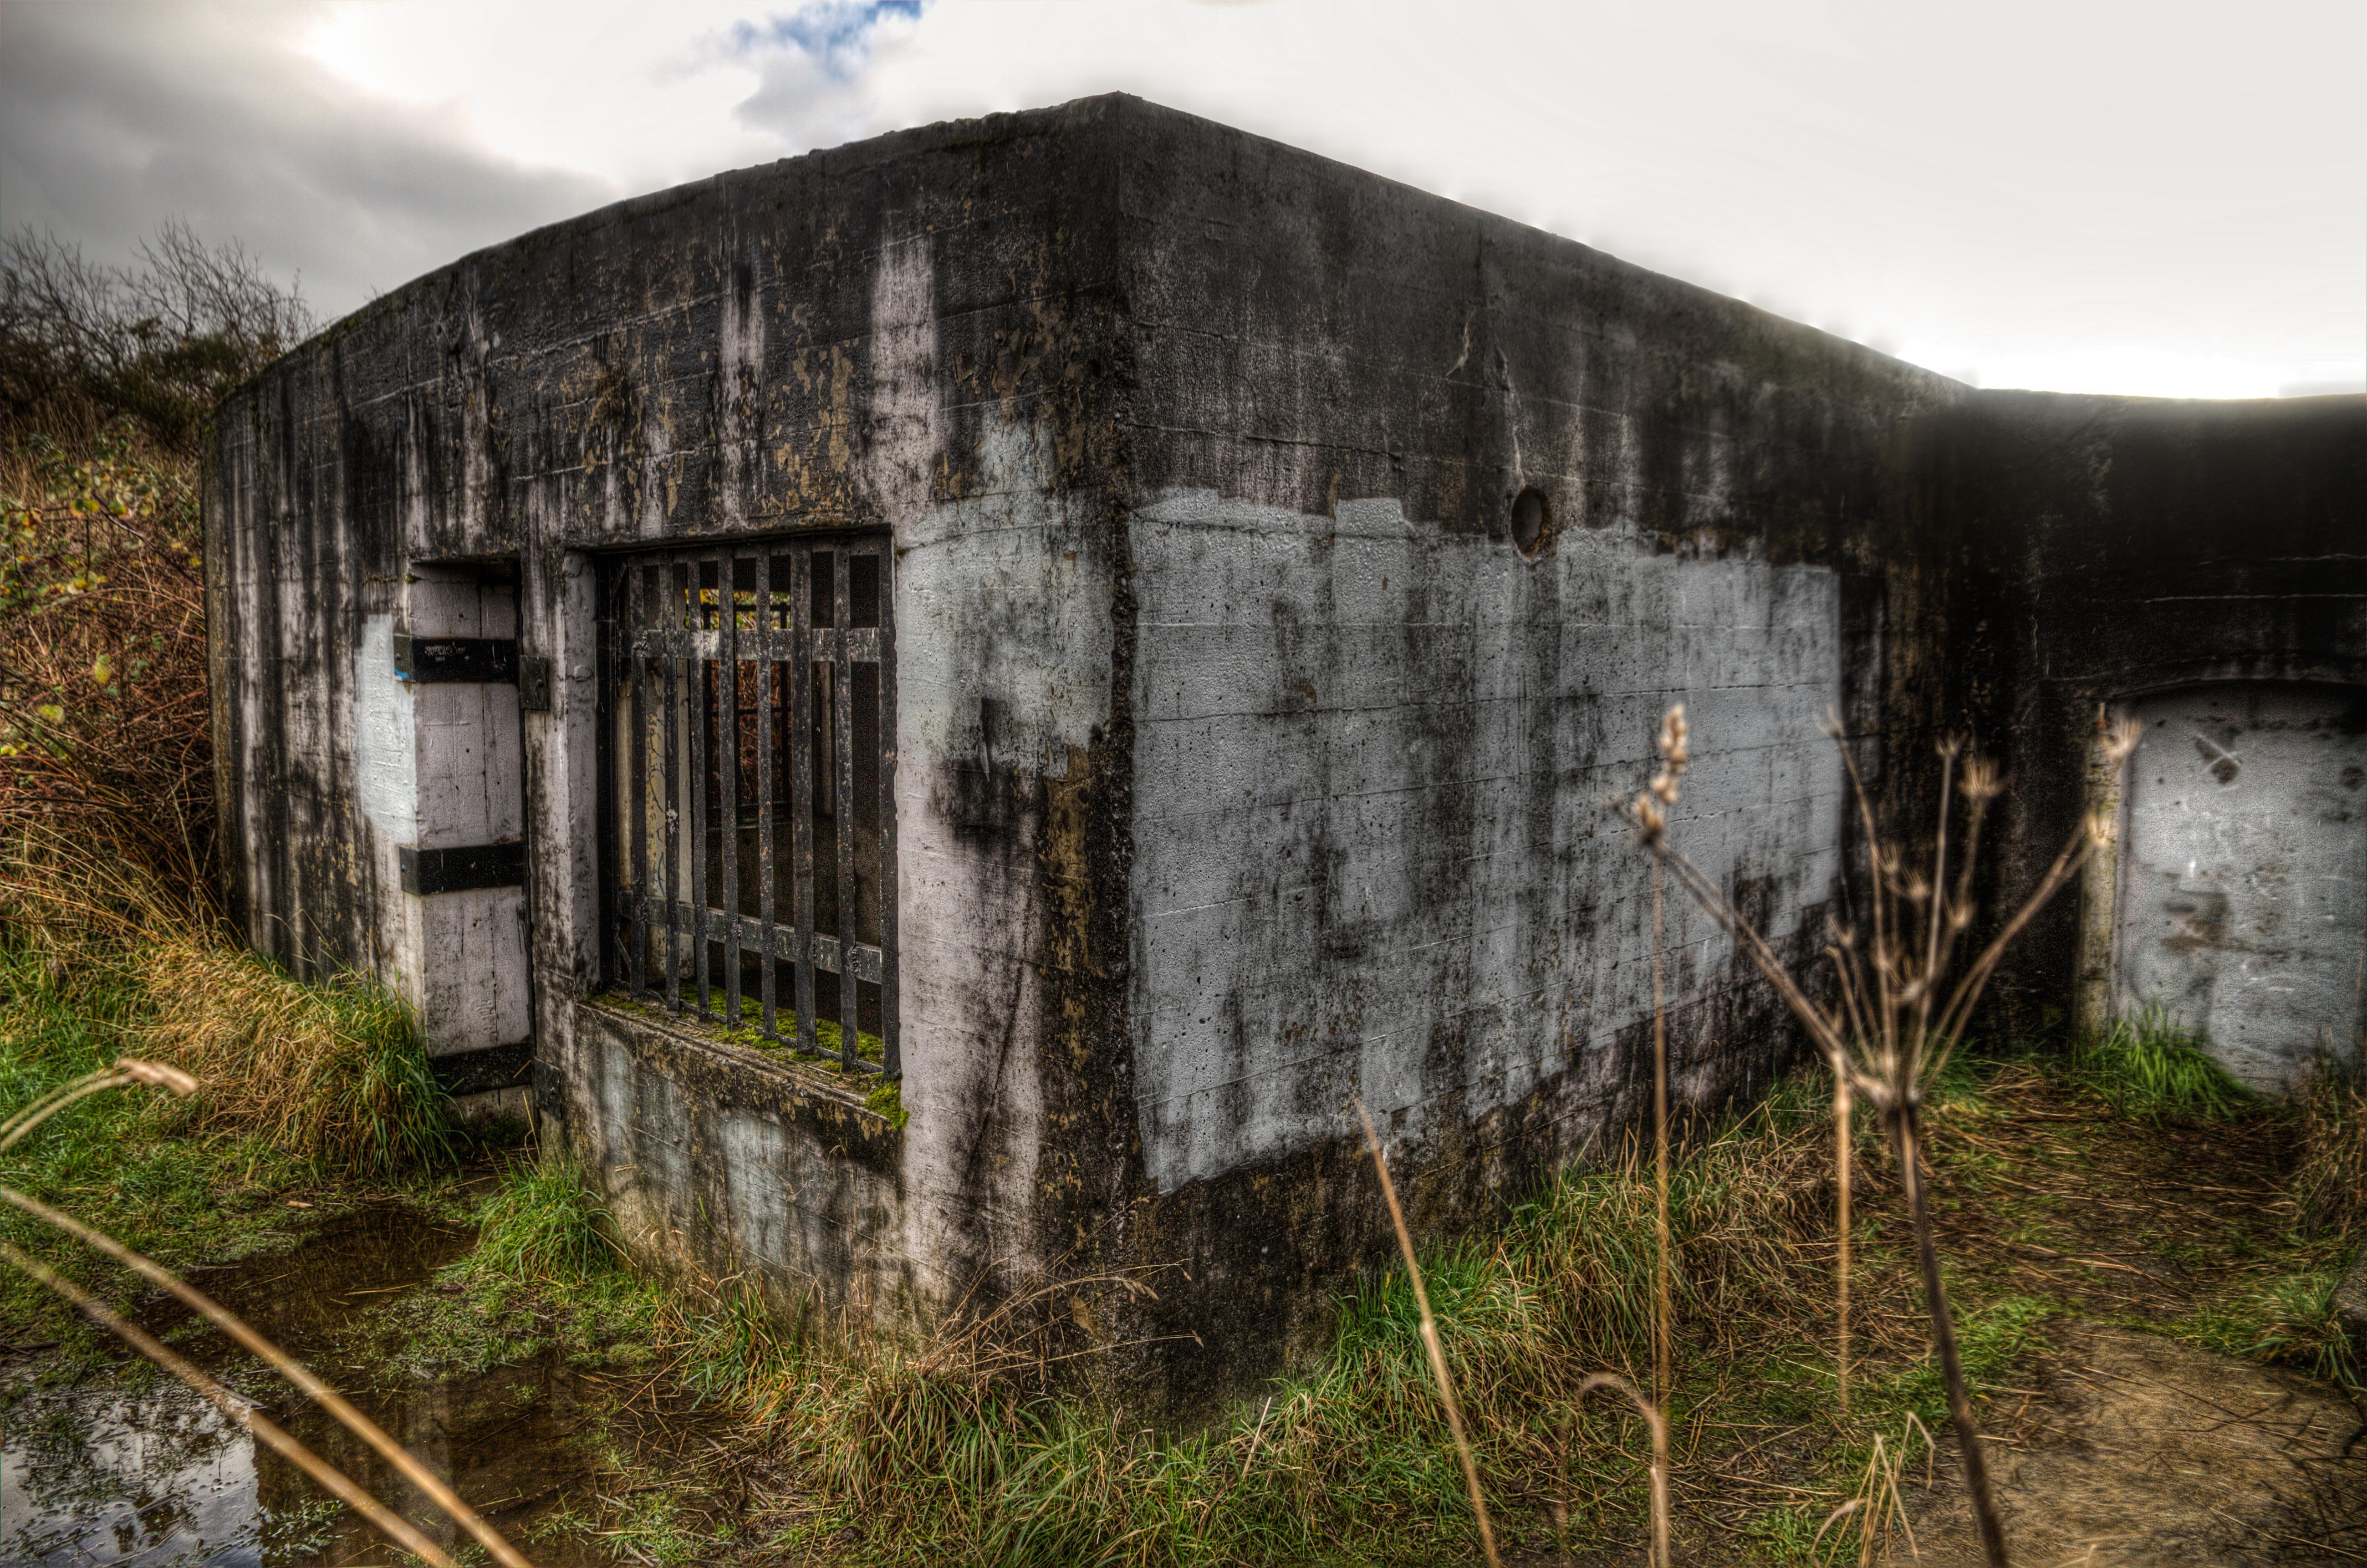 War bunker photo